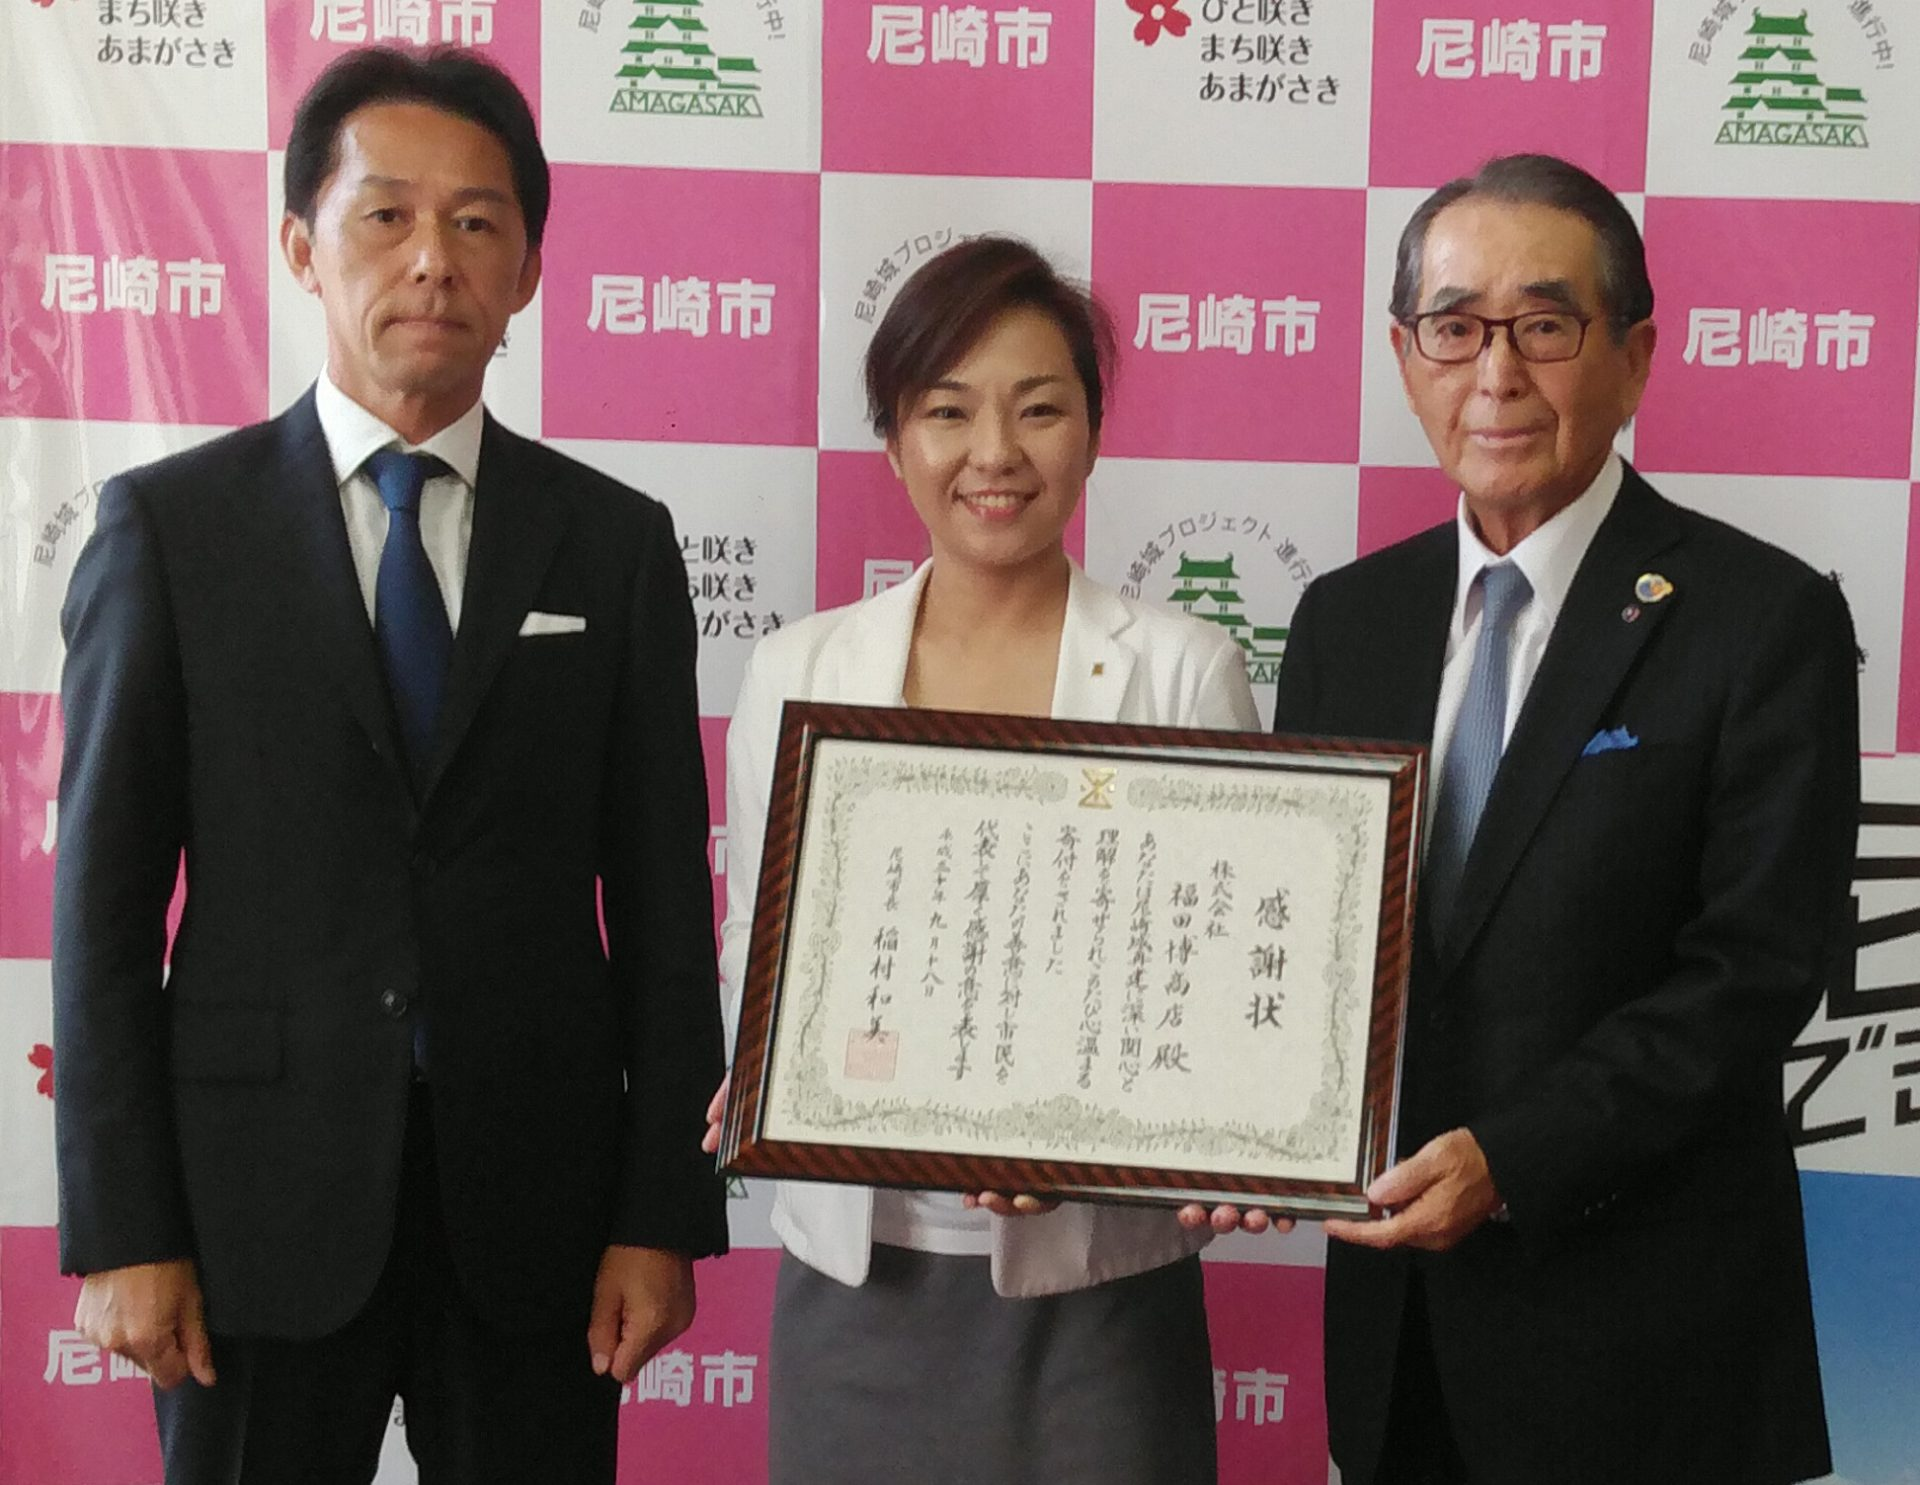 尼崎市長より感謝状を授与